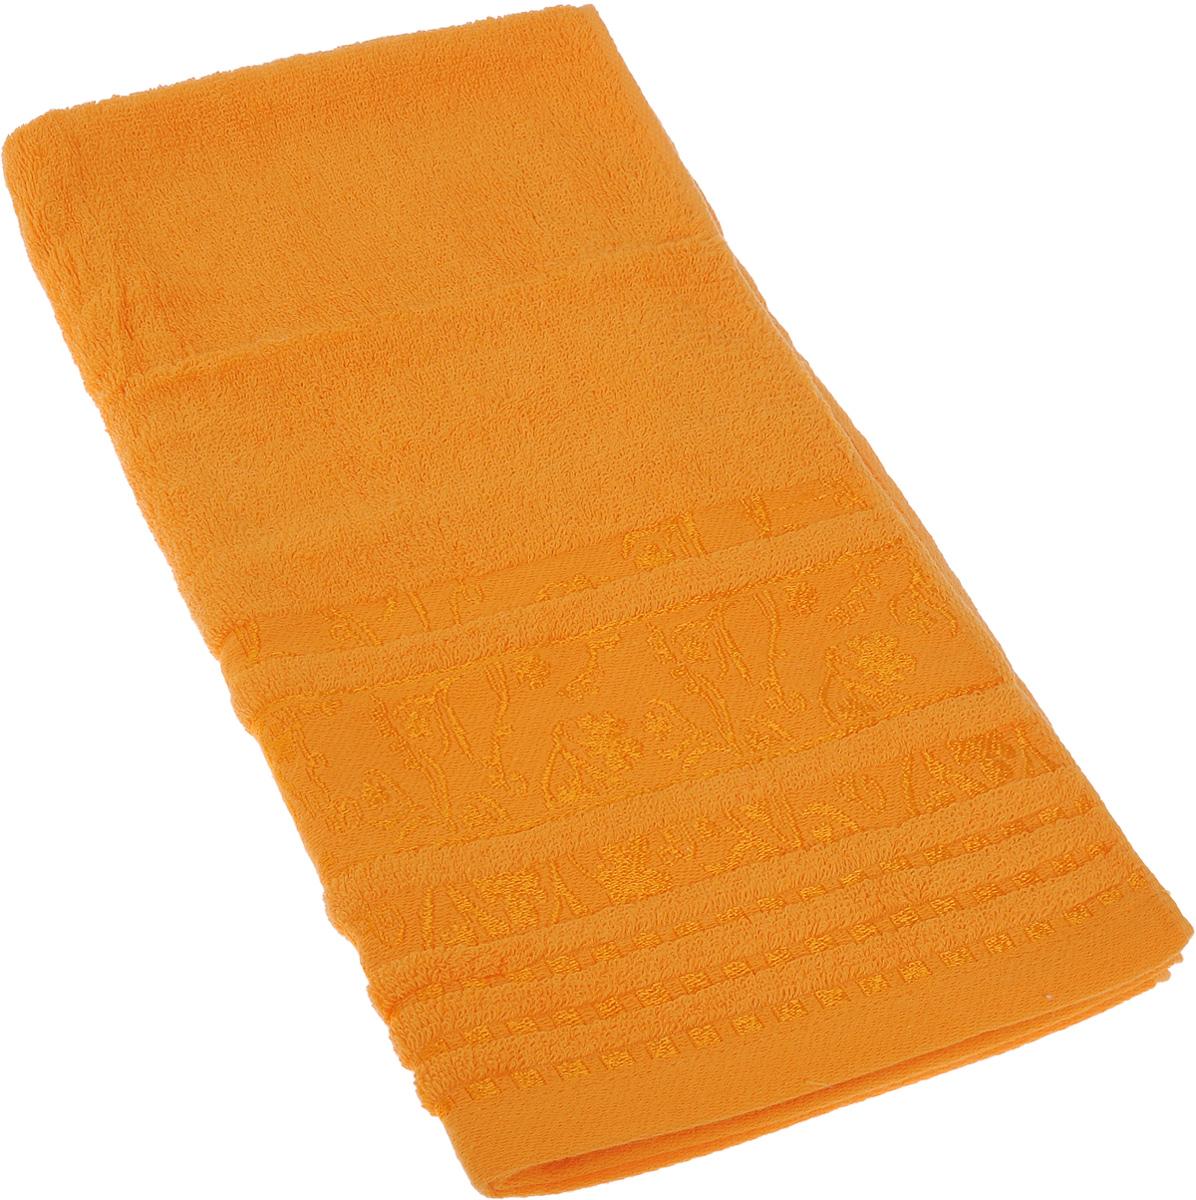 Полотенце Soavita Sandra, цвет: оранжевый, 50 х 90 см64064Полотенце Soavita Sandra выполнено из 100% хлопка. Изделие отлично впитывает влагу, быстро сохнет, сохраняет яркость цвета и не теряет форму даже после многократных стирок. Полотенце очень практично и неприхотливо в уходе. Оно создаст прекрасное настроение и украсит интерьер в ванной комнате.